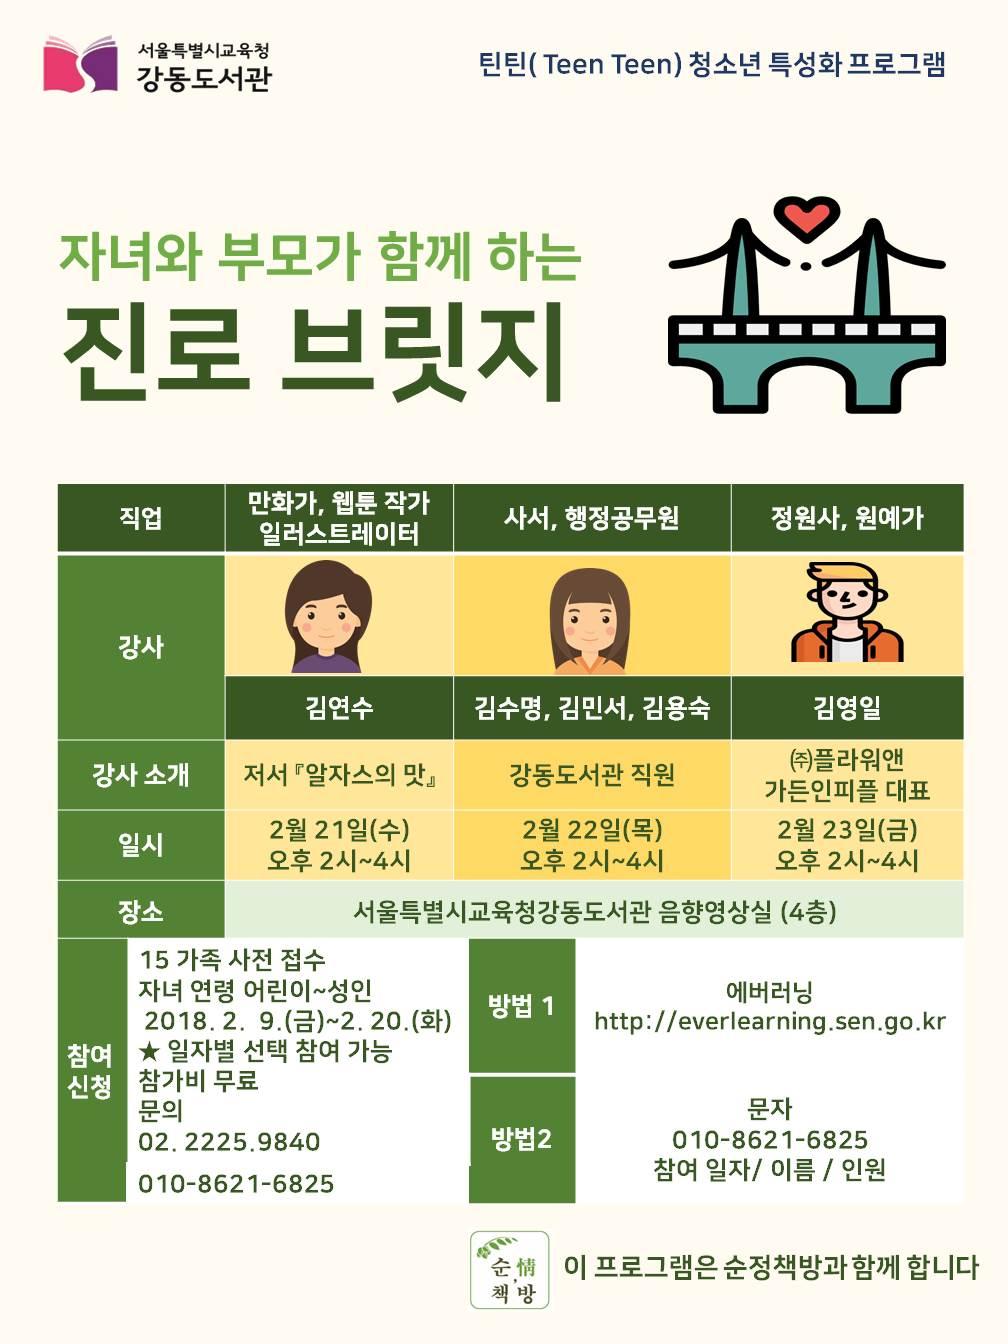 서울특별시교육청강동도서관 정보자료과_홍보문_진로 브릿지.jpg